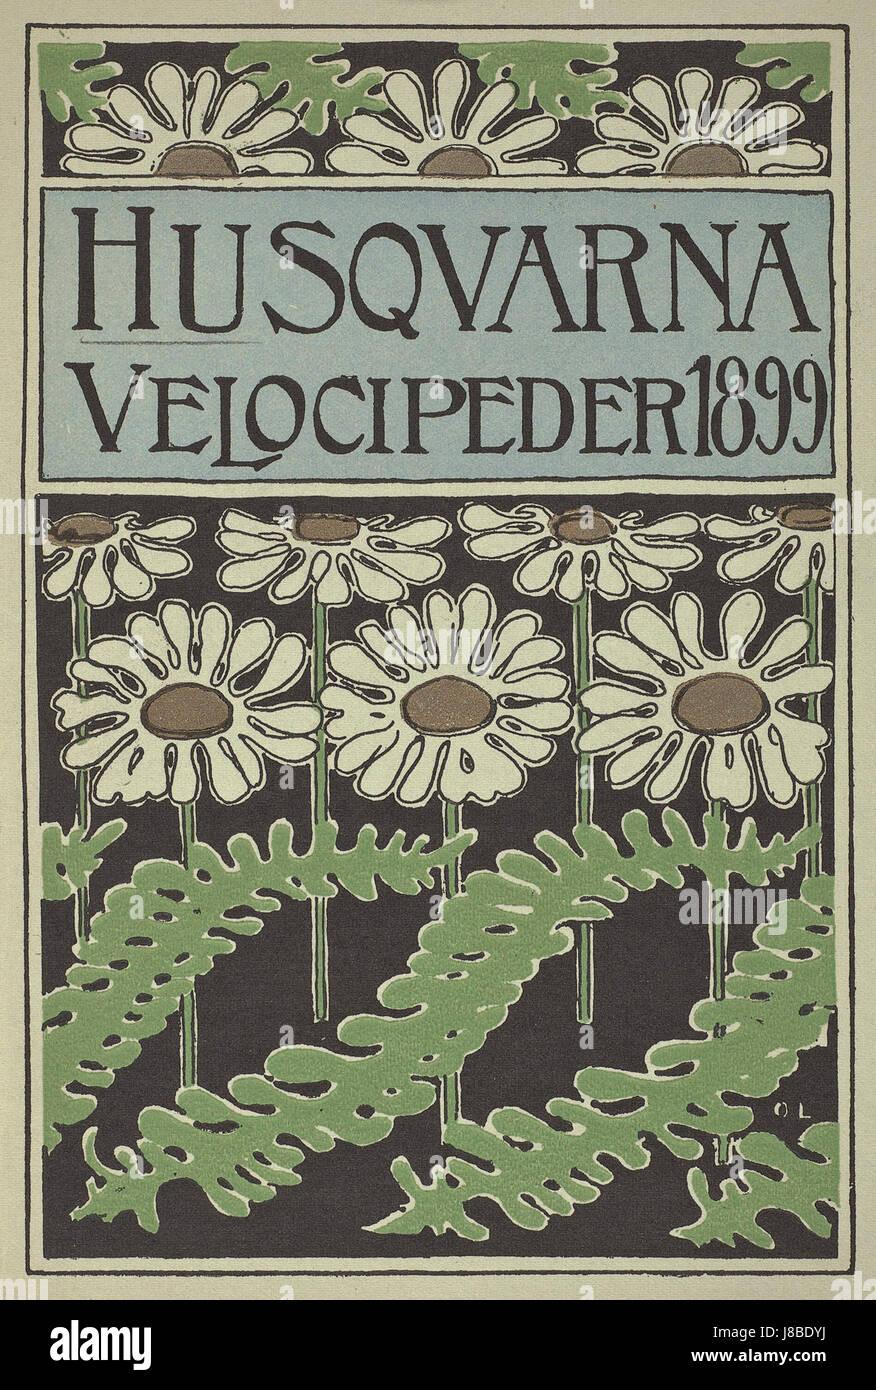 Husqvarna fabriks aktiebolag Priskuranter Bruksanvisningar (15750815877) - Stock Image